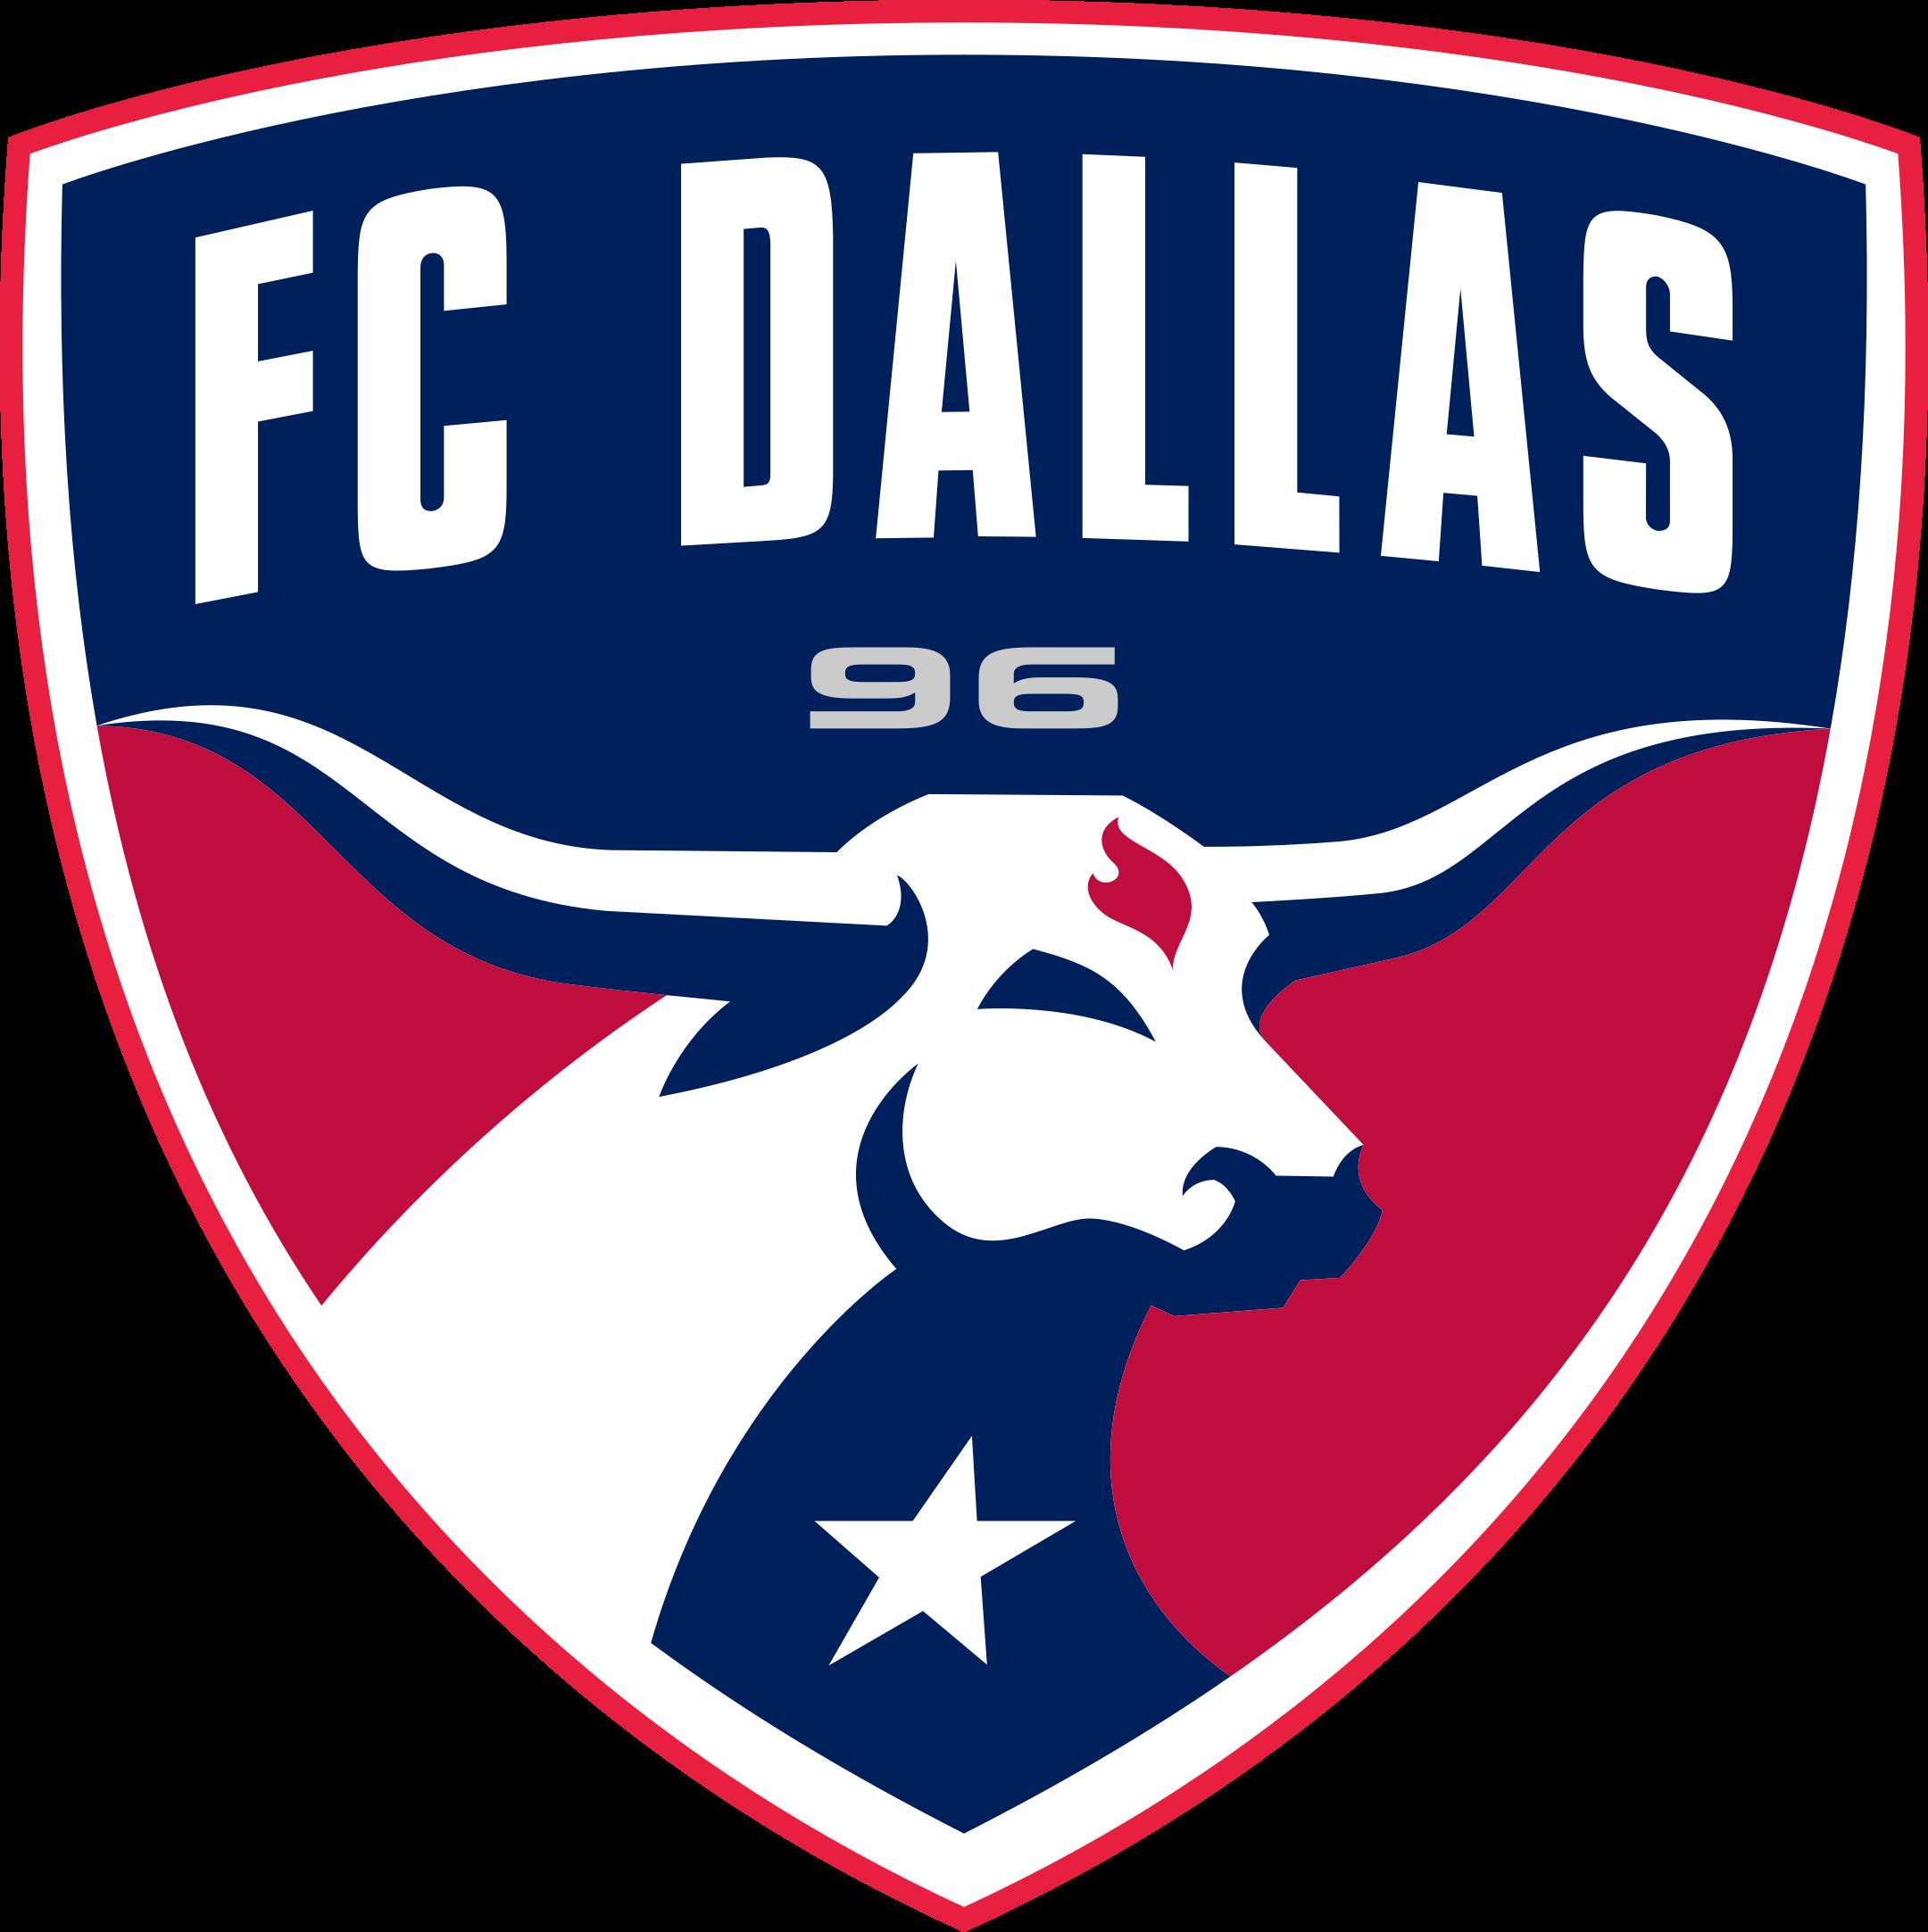 fc dallas logo 1 - FC Dallas Logo